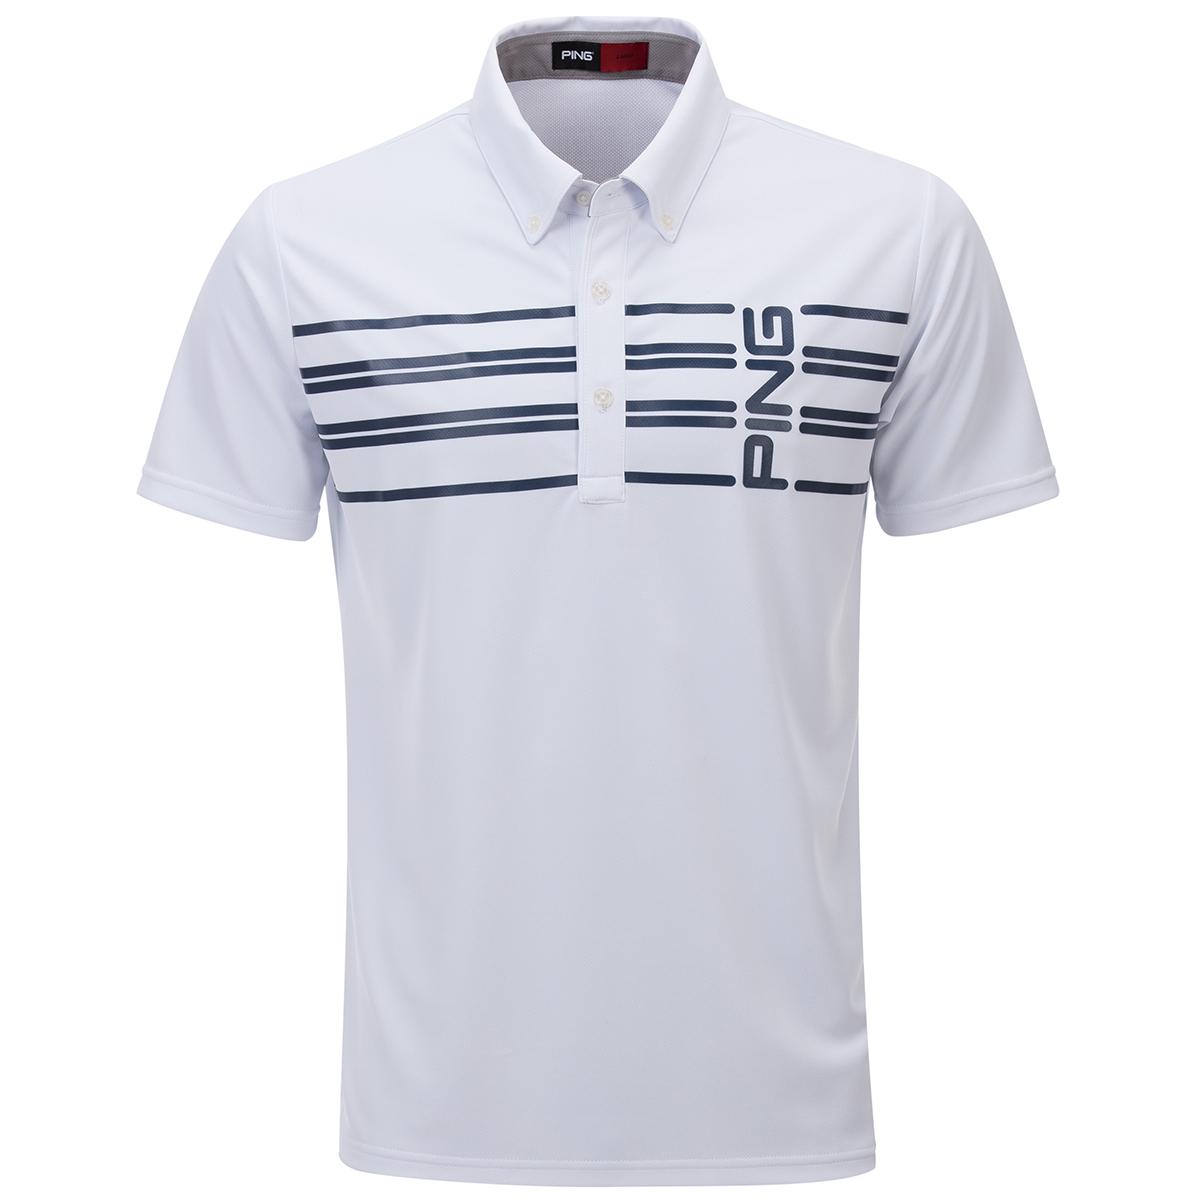 ボーダープリント半袖ポロシャツ